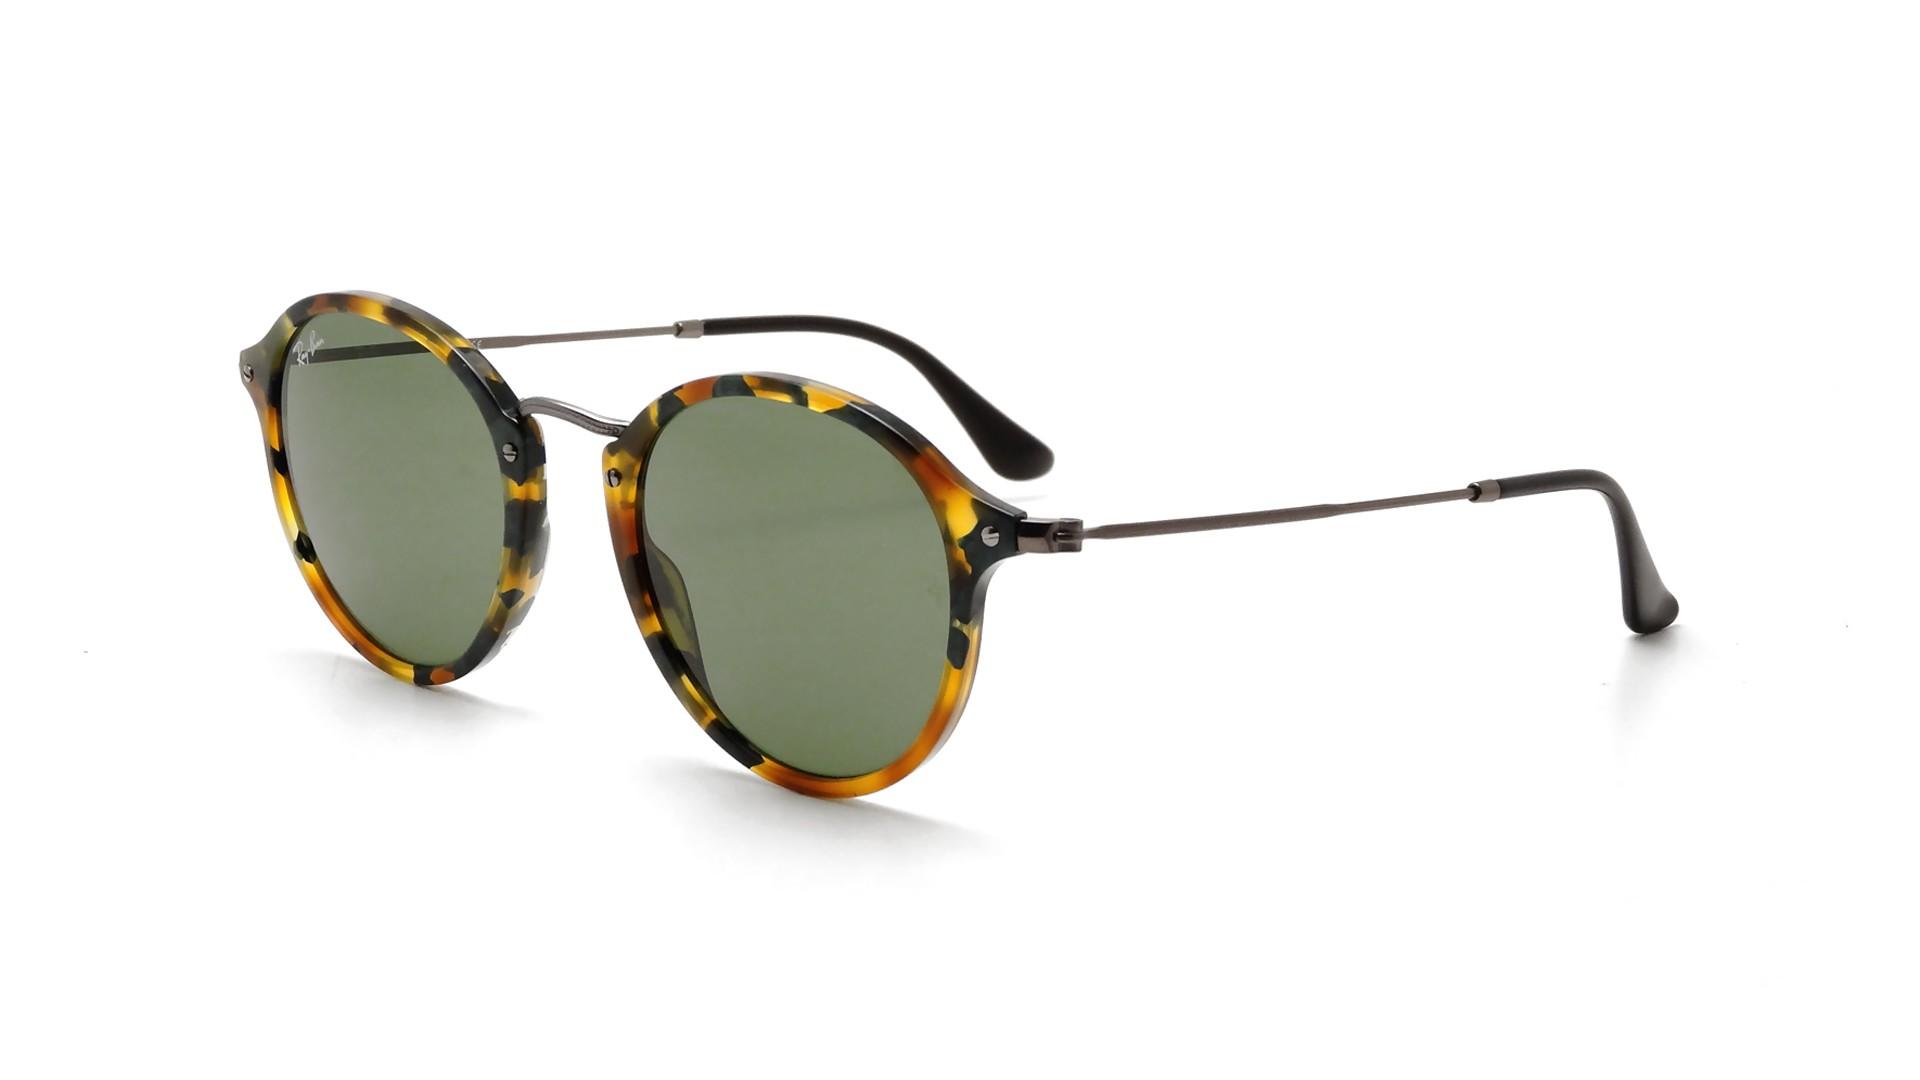 Ray Ban Round Tortoise S Sunglasses  ray ban round sunglasses visiofactory